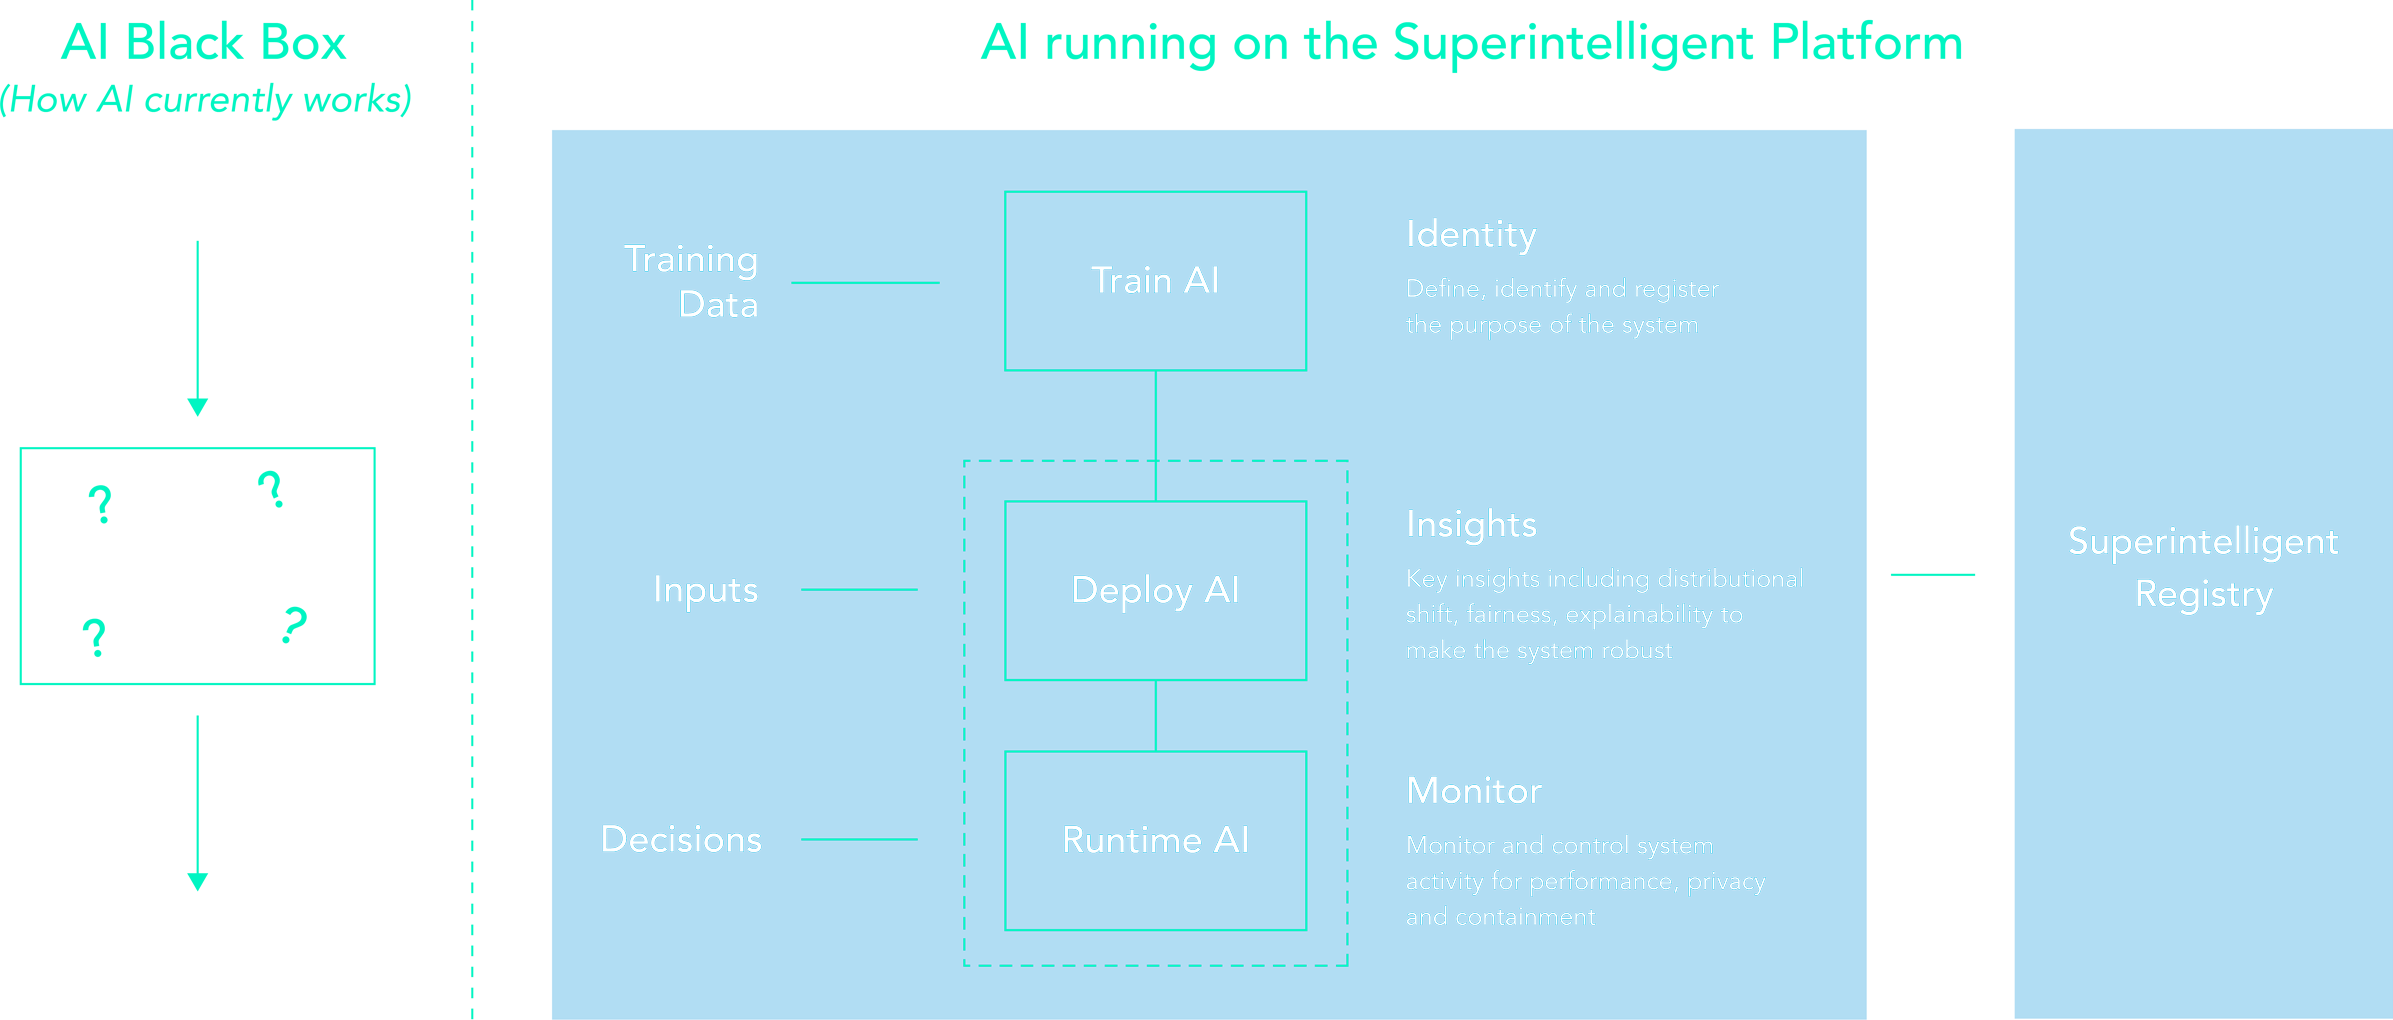 Superintelligent Platform